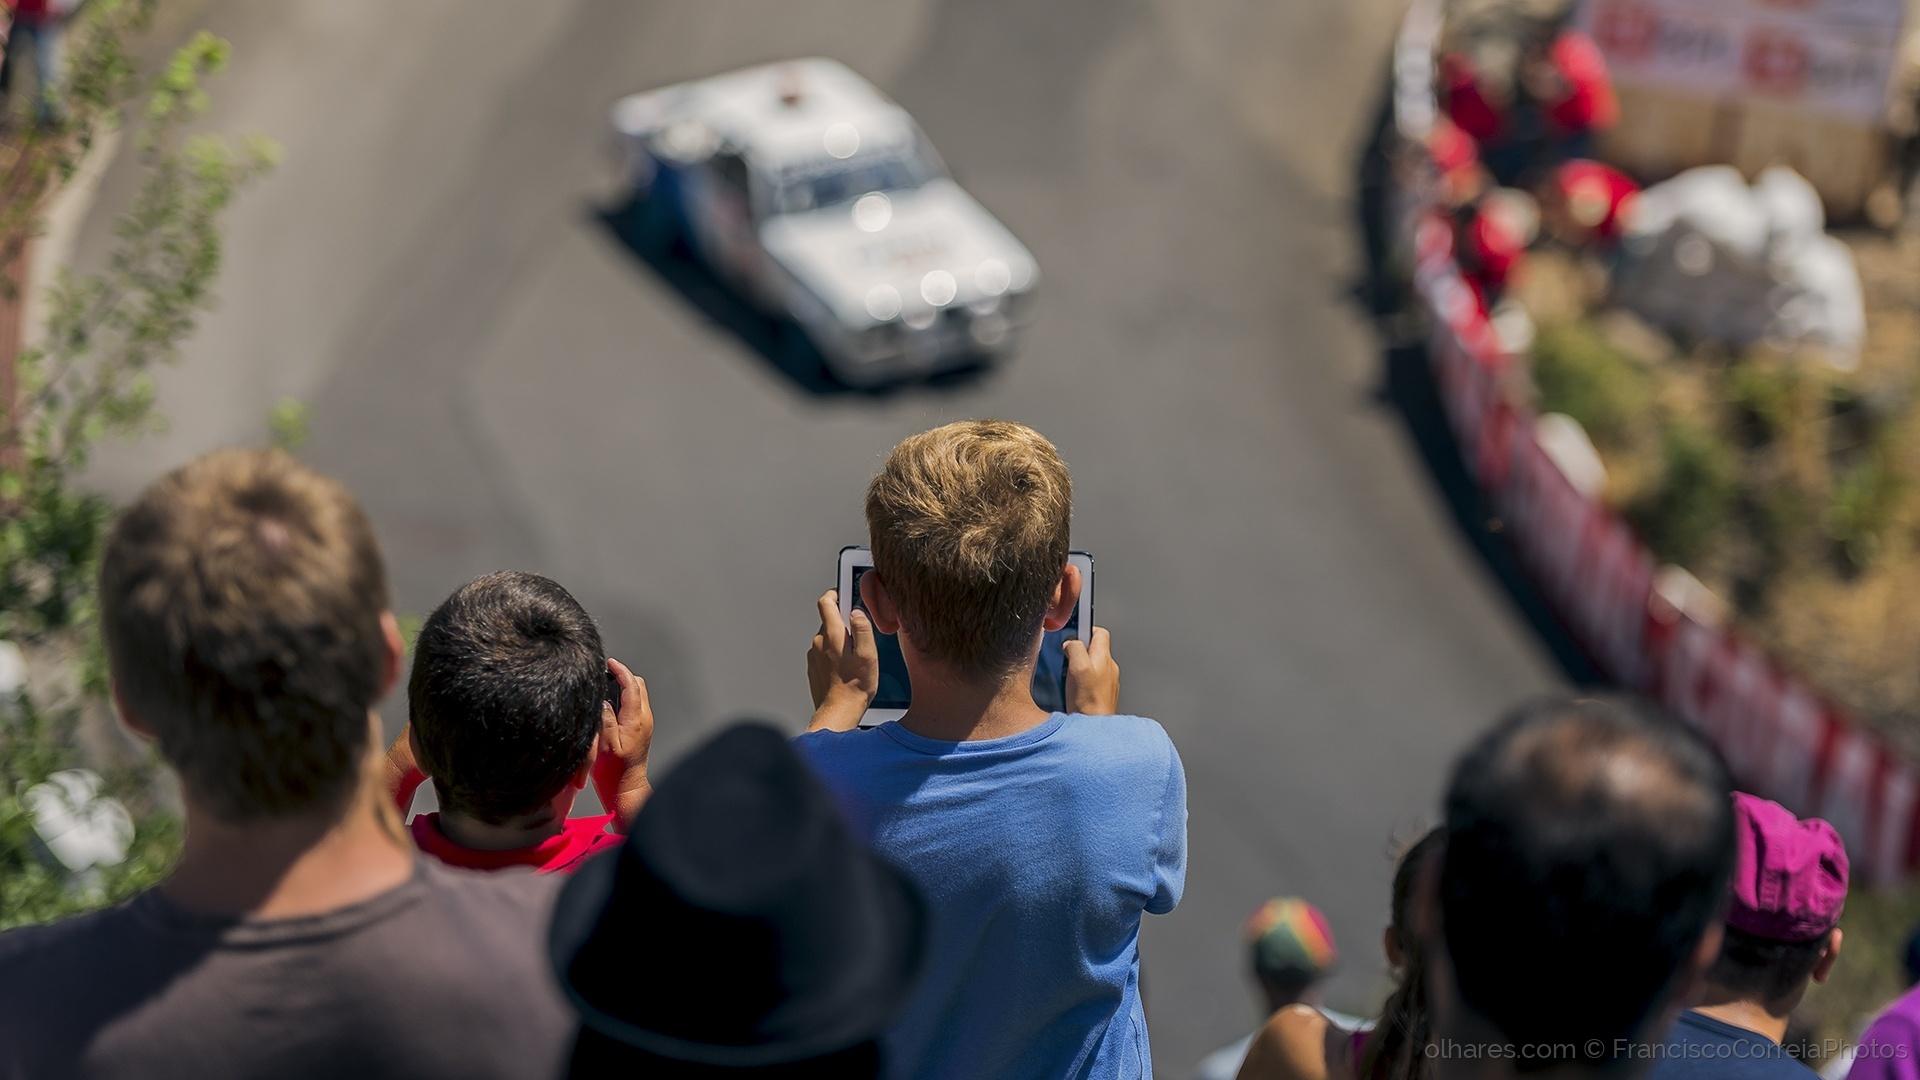 Desporto e Ação/Fotógrafos de rally